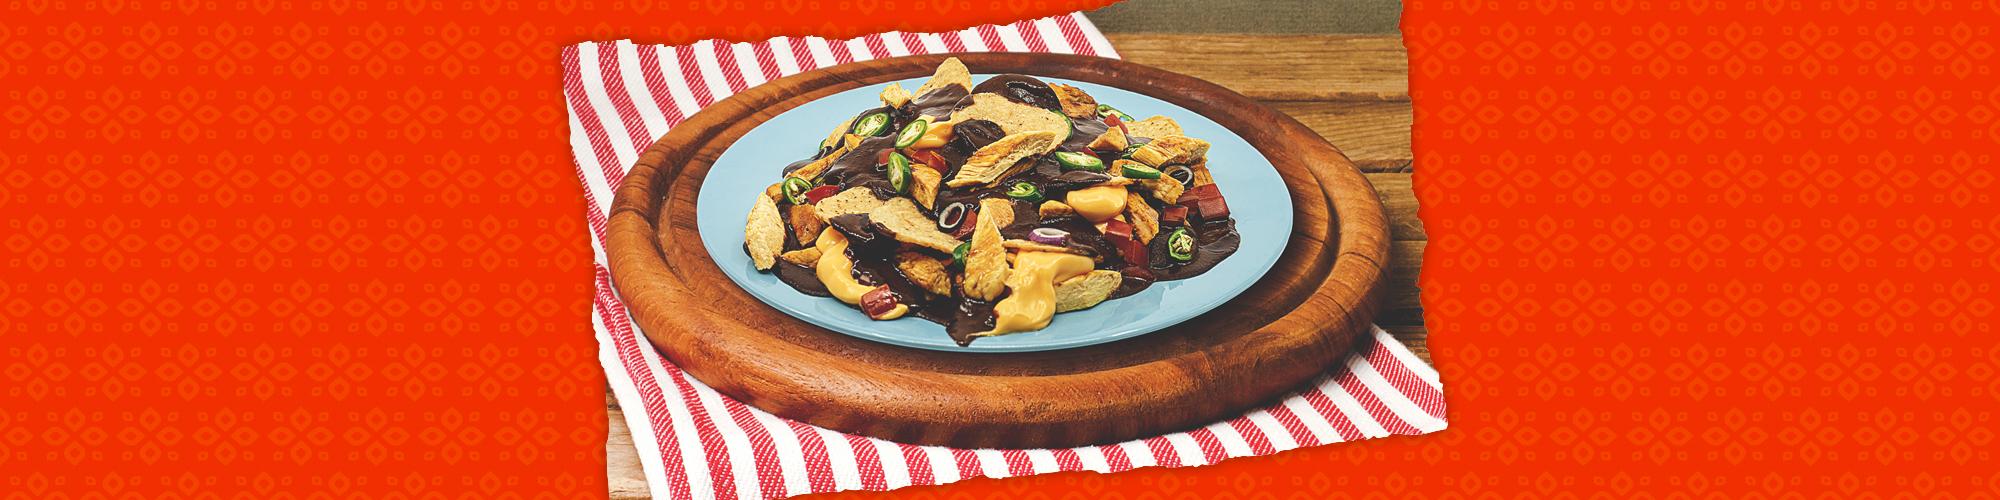 Salsas chicken mole nachos